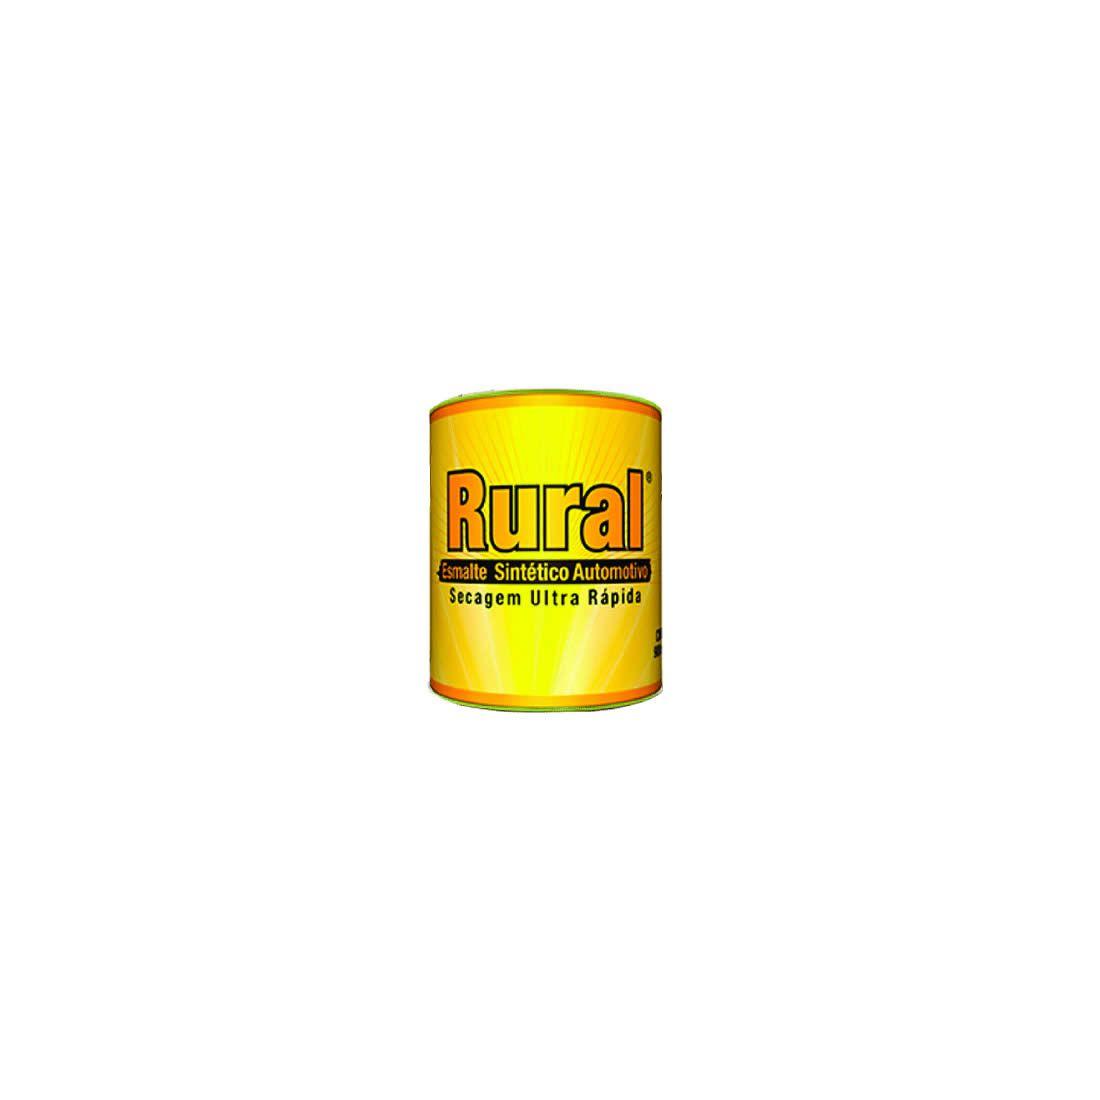 Esmalte Sintético Rural Secagem Ultra Rápido Amarelo Ouro 1900 900ml